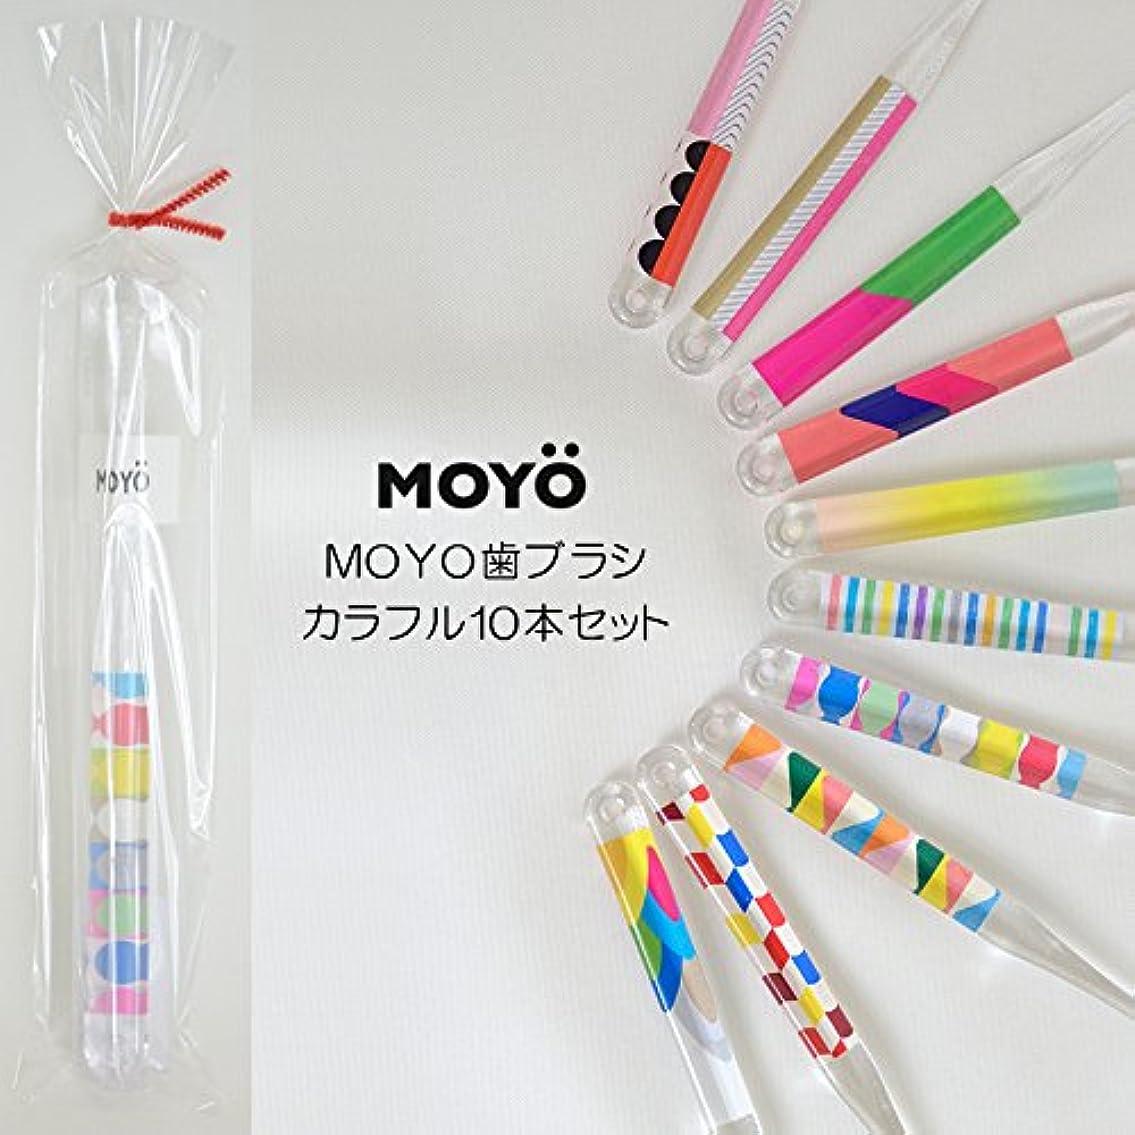 付与衝動子MOYO モヨウ カラフル10本 プチ ギフト セット_562302-colorful 【F】,カラフル10本セット